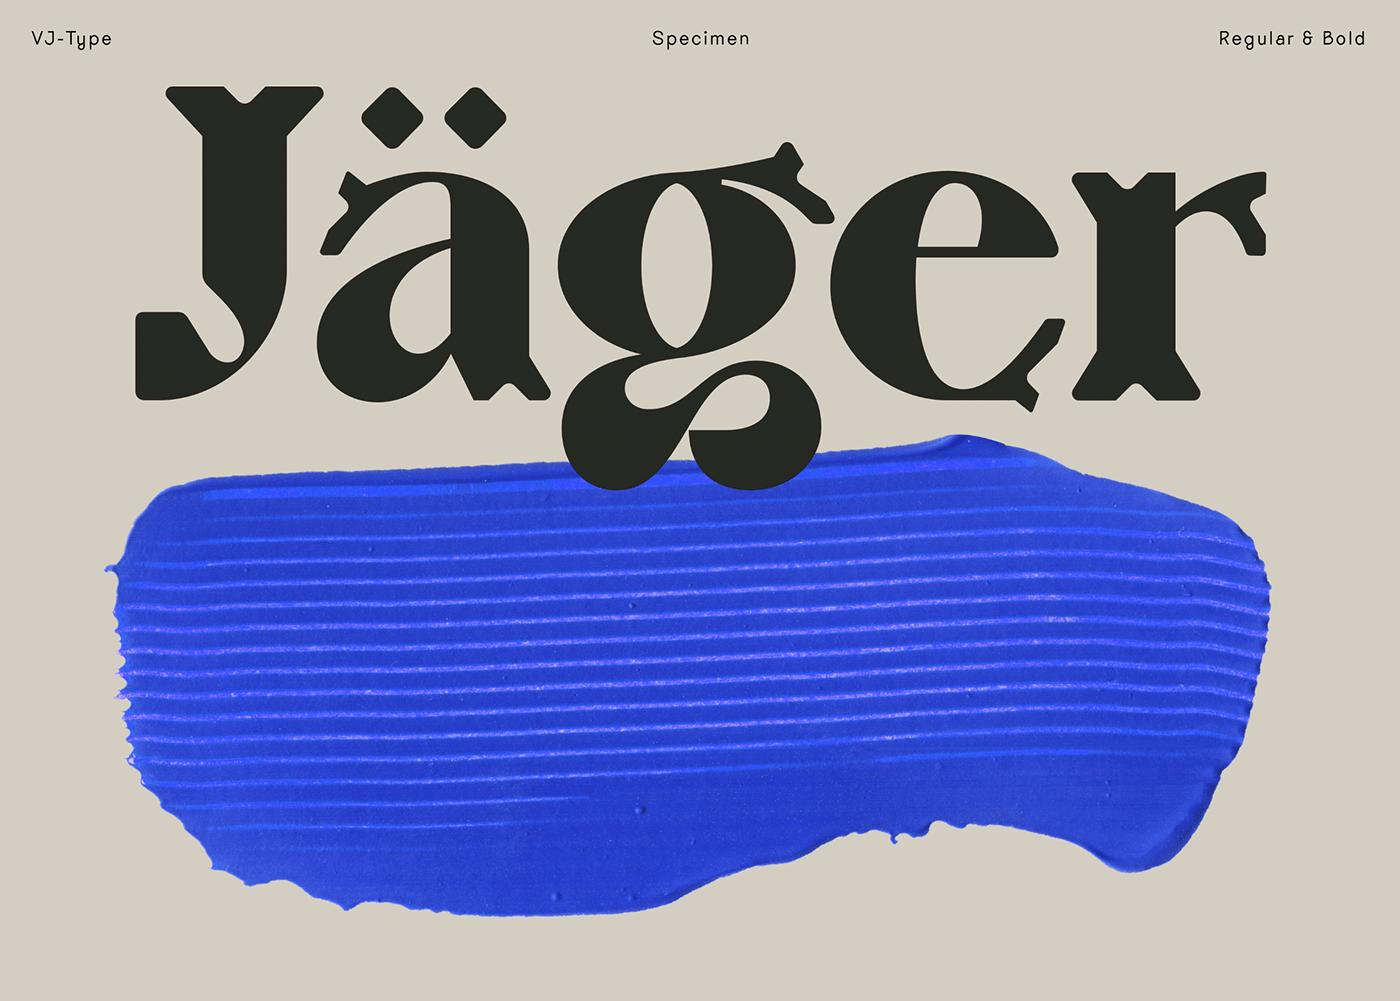 [单独购买] 10套潮流逆反差酸性杂志标题Logo设计VJ Type家族英文字体合集 VJ Type – Typeface Font Collection插图3